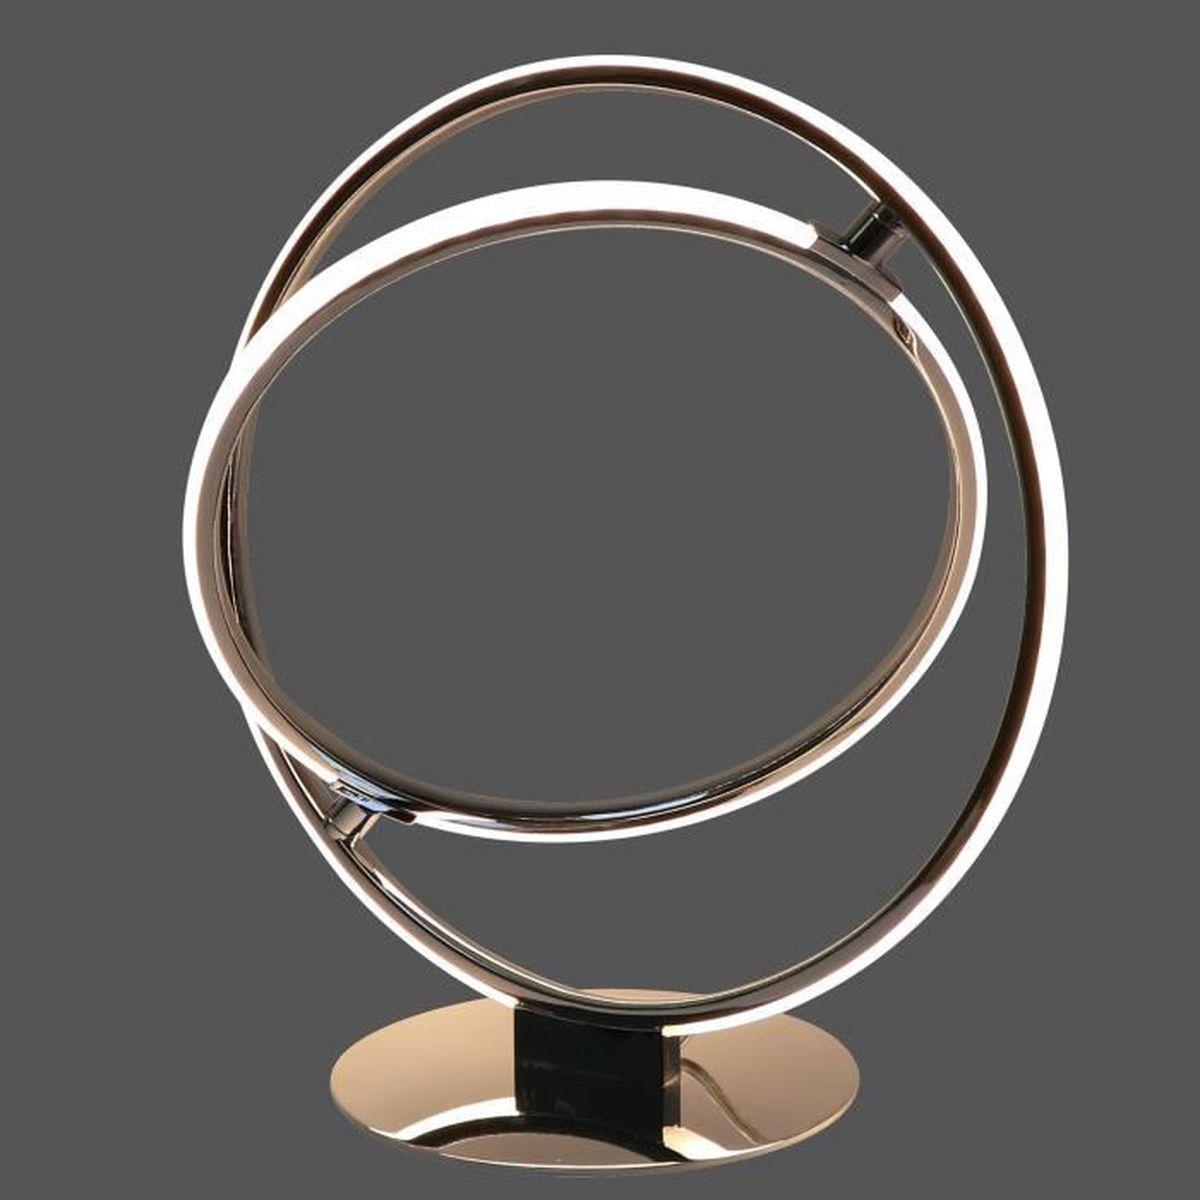 Lampe H30 Blanc Cercle Led Chrome Design En – Cm À Poser Métal Pnk0wO